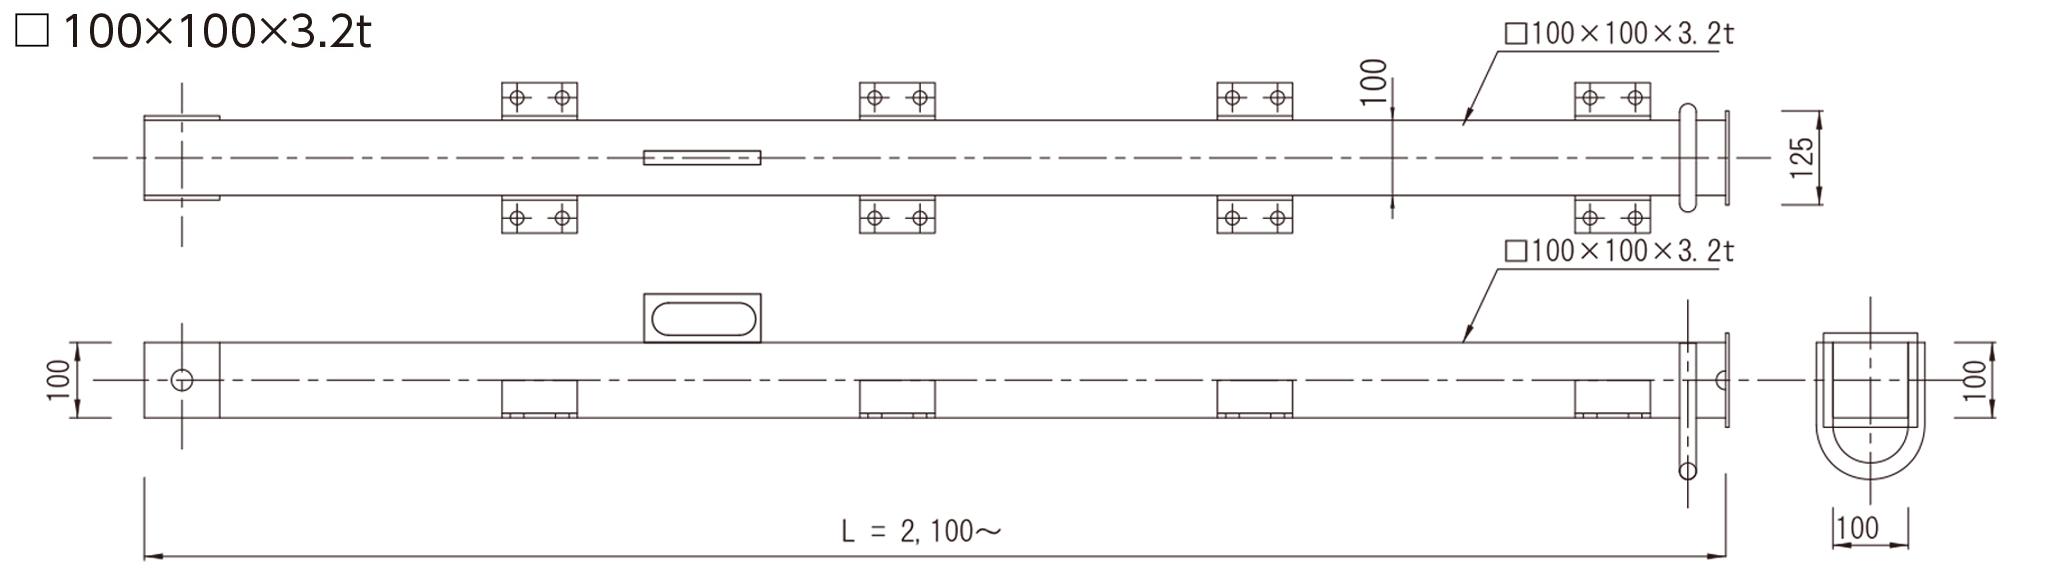 キャフロン支柱(TYPE-2)